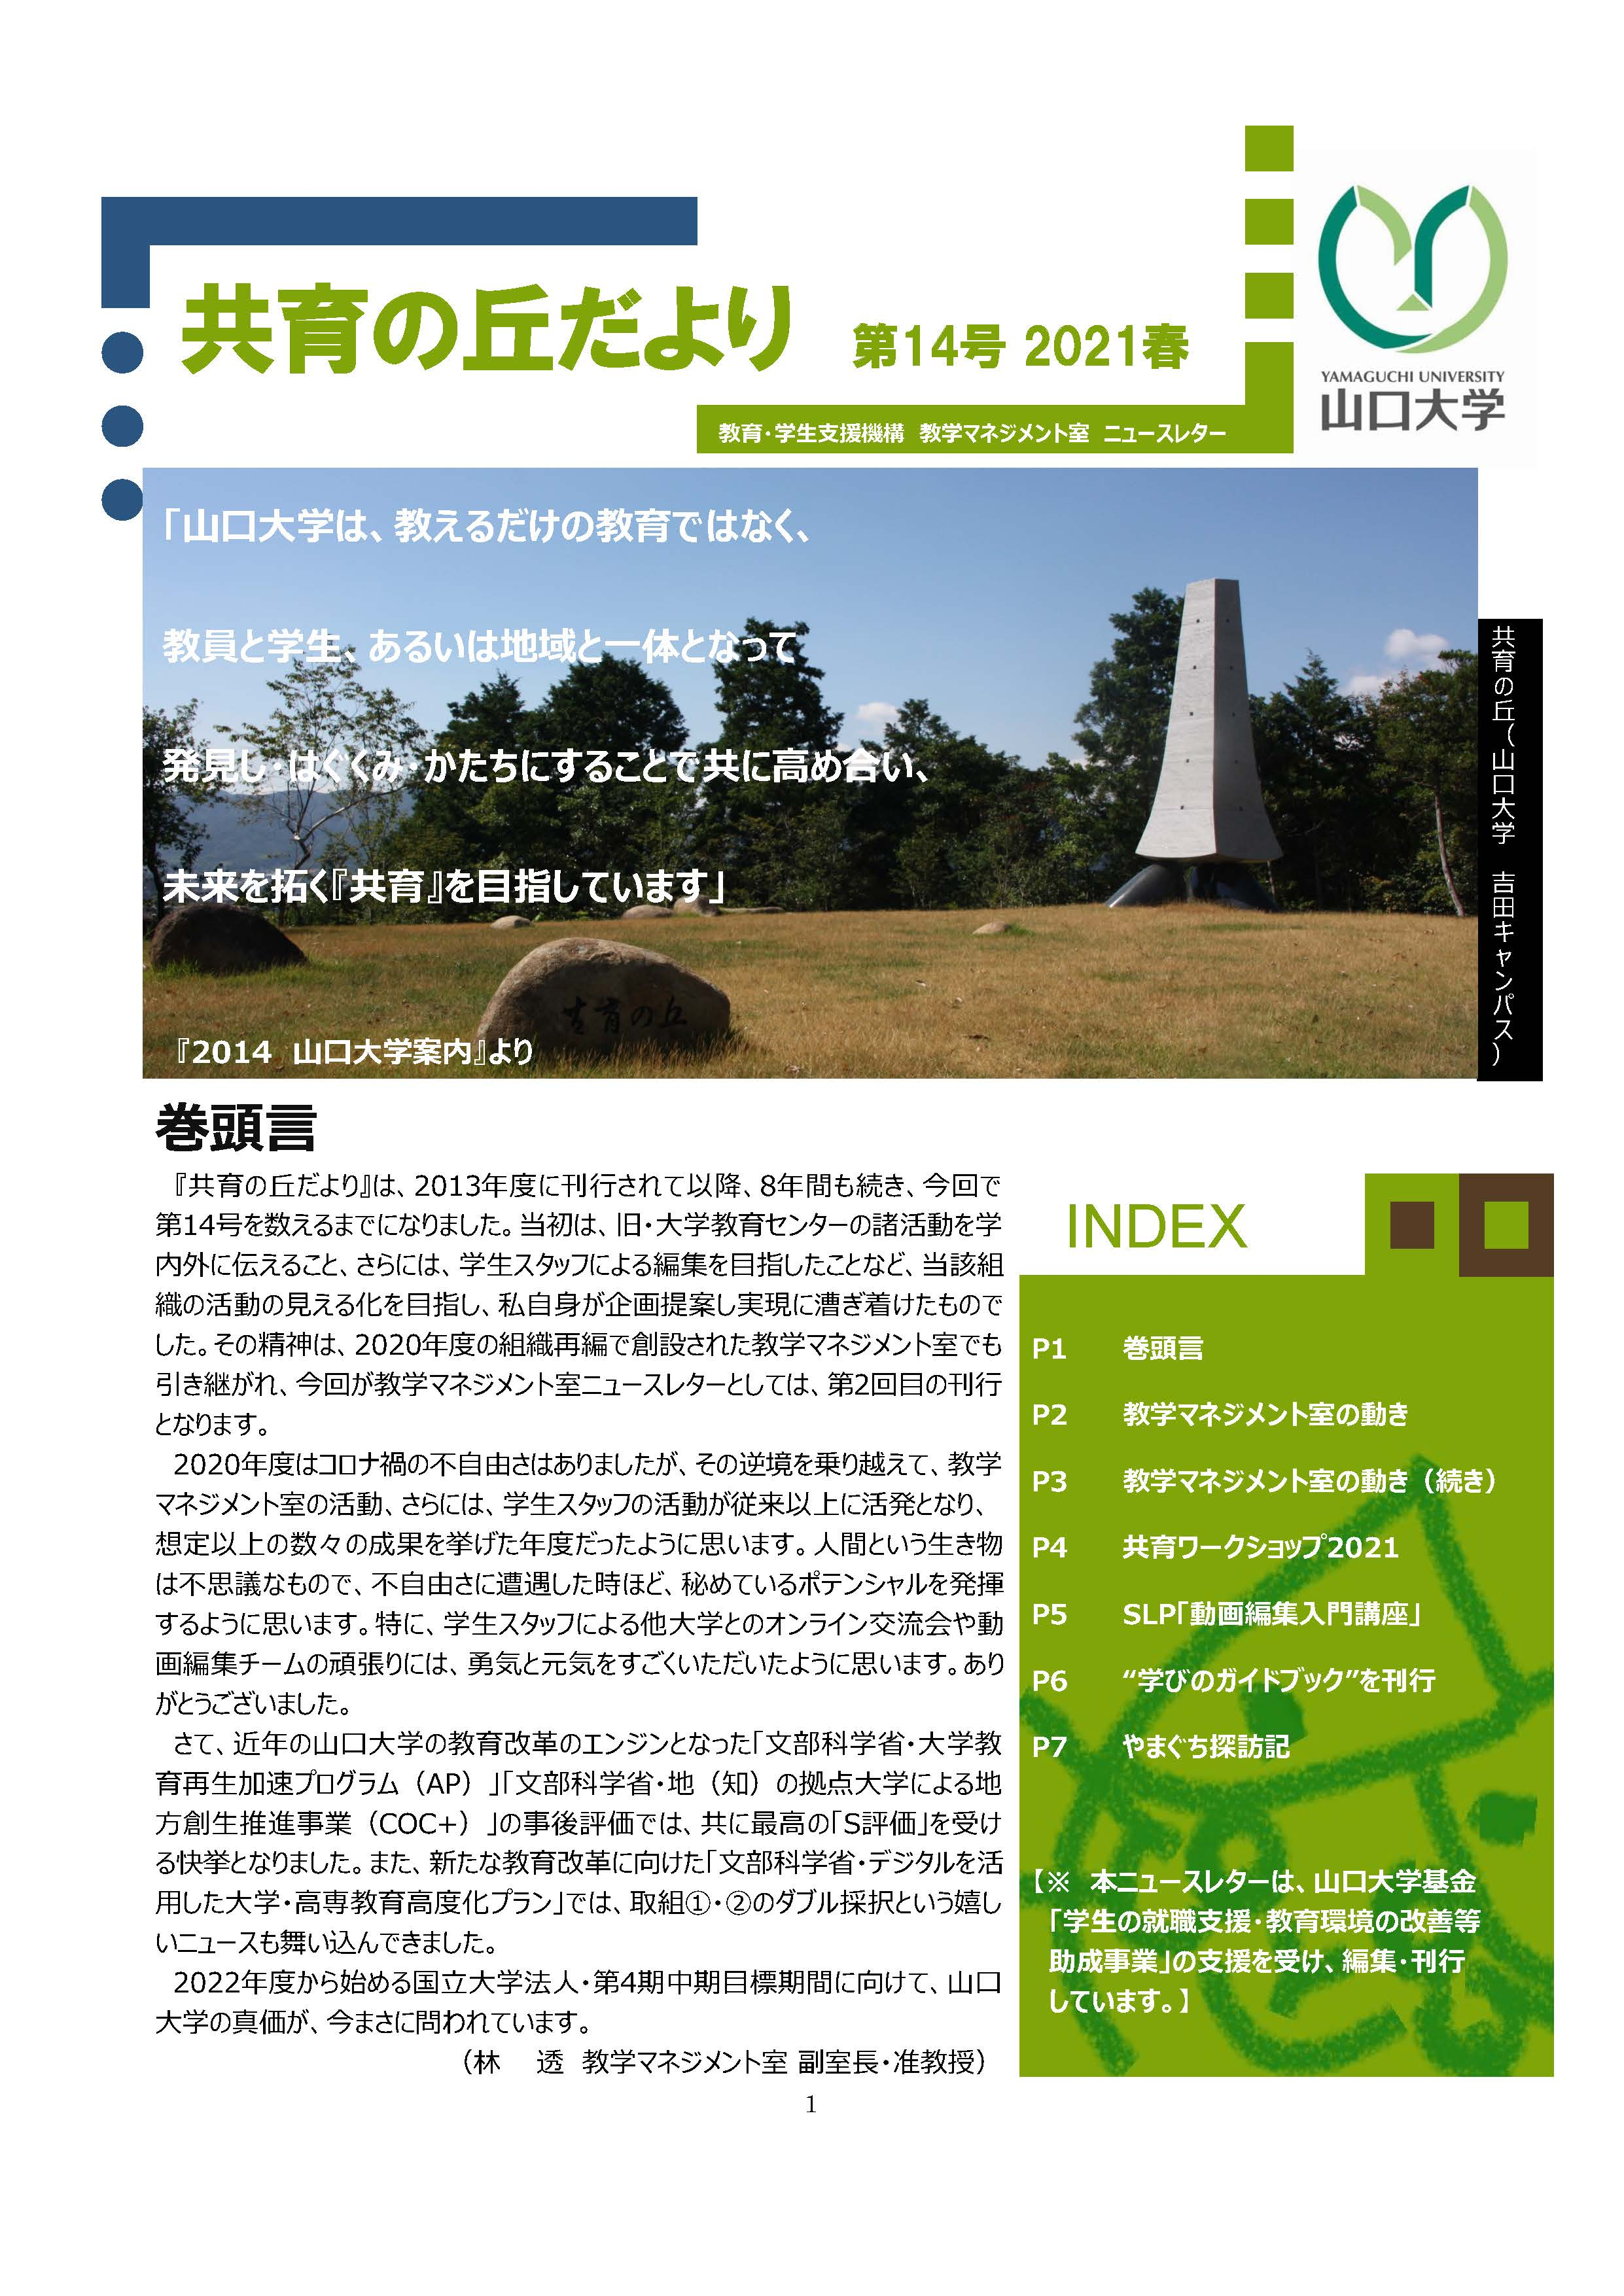 CenterNewsLetter20210330_ページ_1.jpg